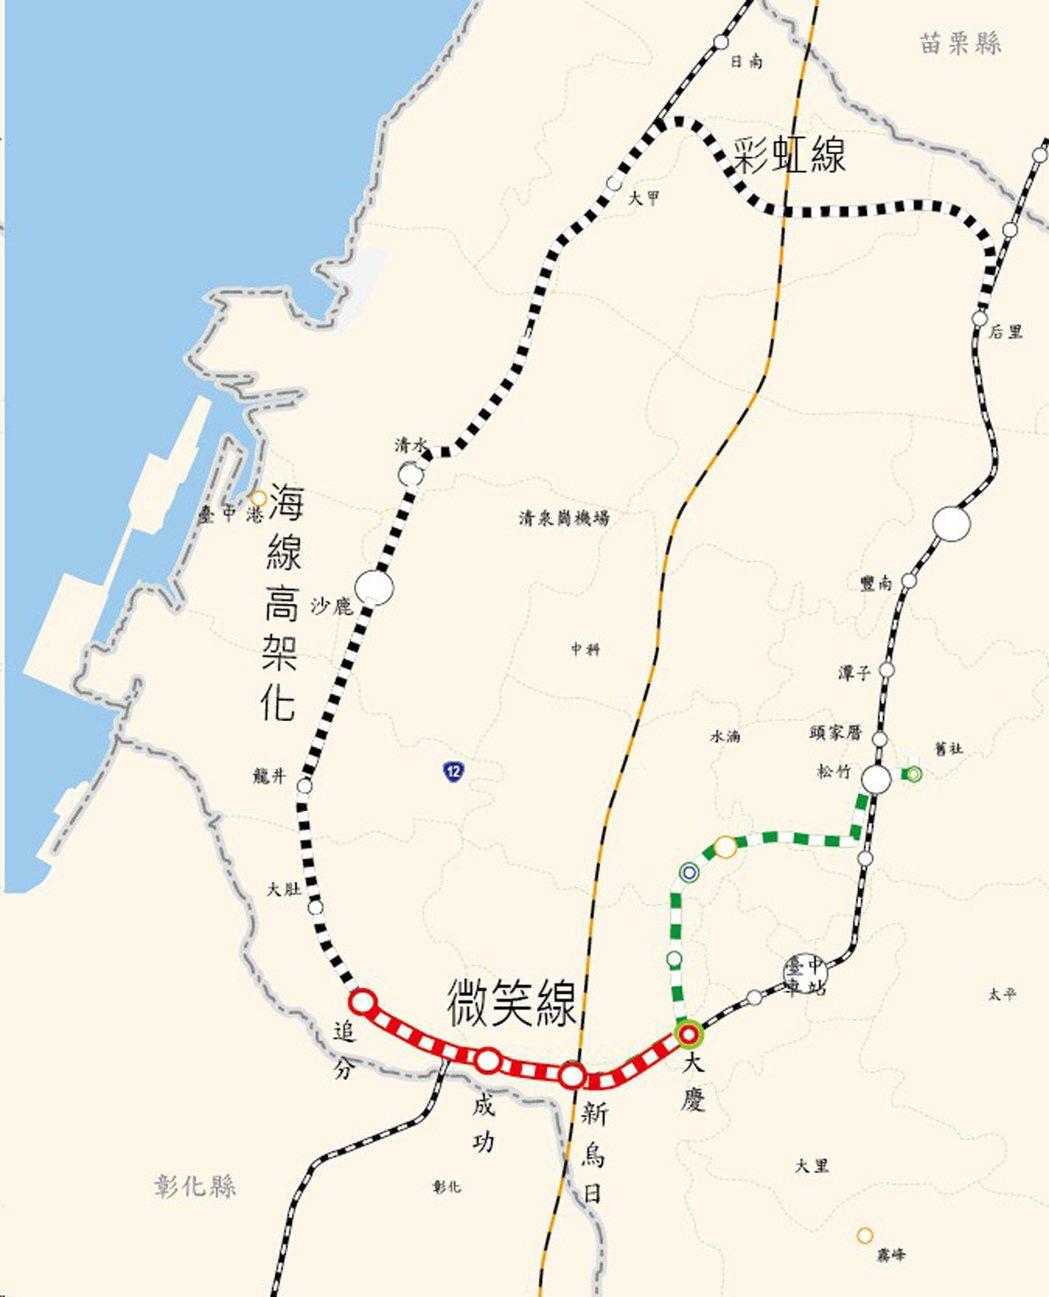 台中市政府極力推動「大台中山手線環狀鐵路計劃」,其中,成功至追分的「微笑山手線」...